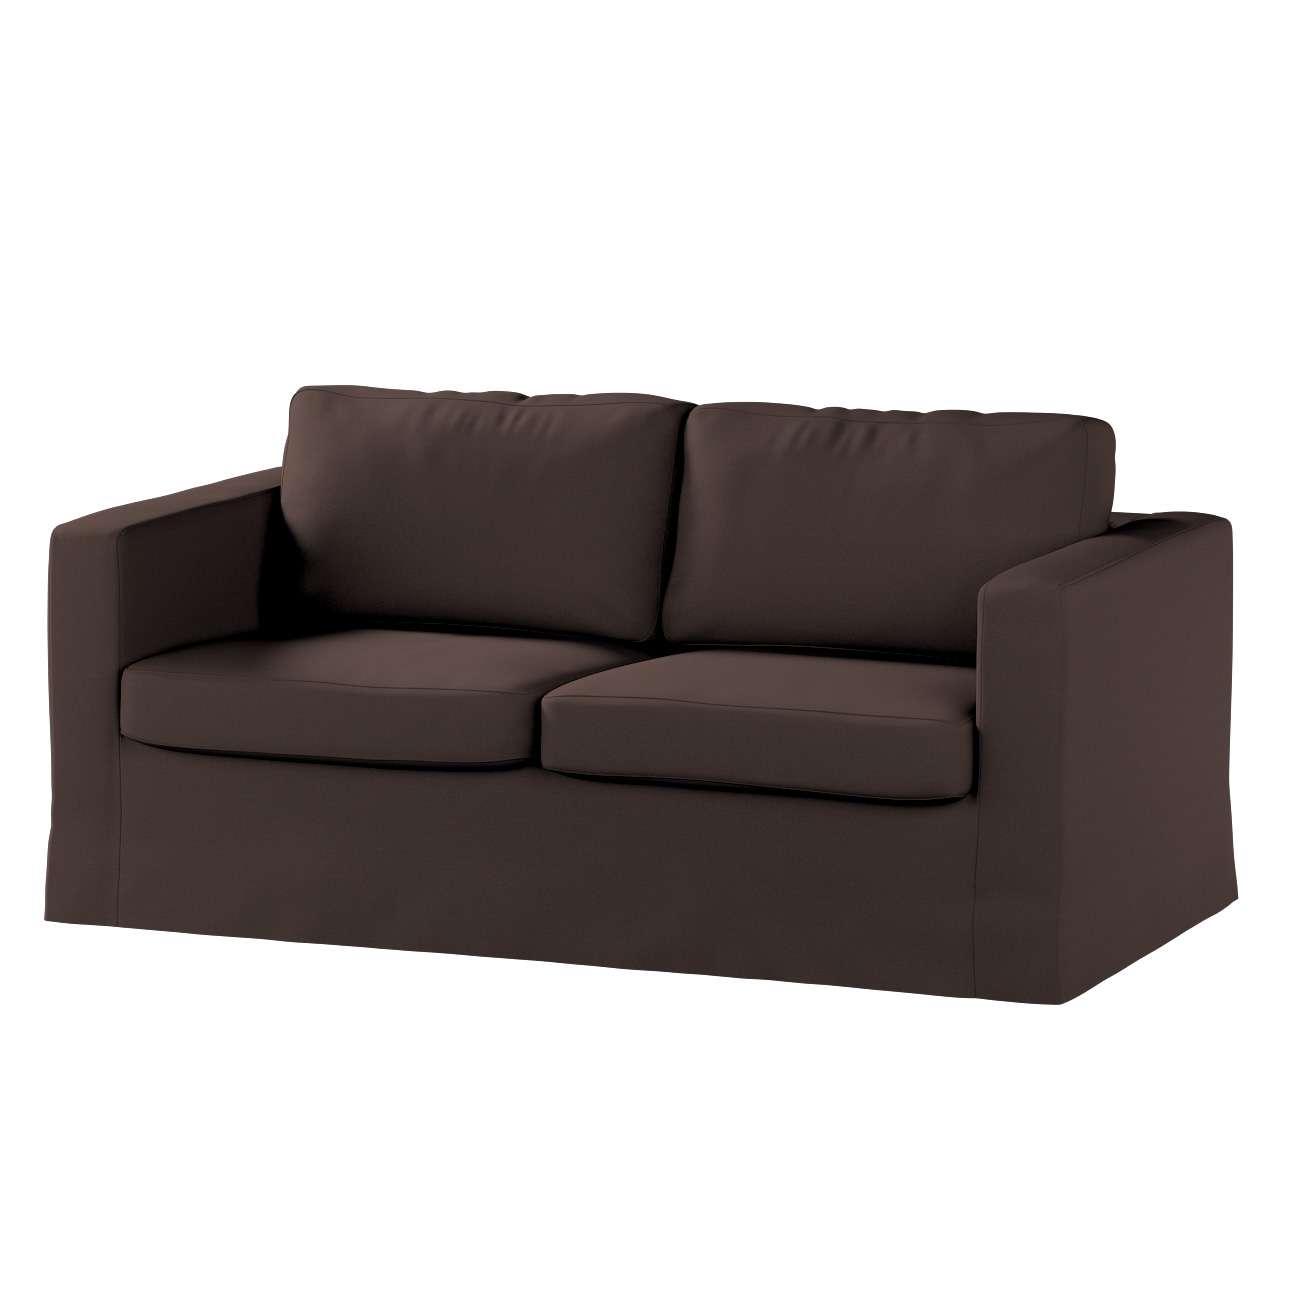 Pokrowiec na sofę Karlstad 2-osobową nierozkładaną długi Sofa Karlstad 2-osobowa w kolekcji Cotton Panama, tkanina: 702-03